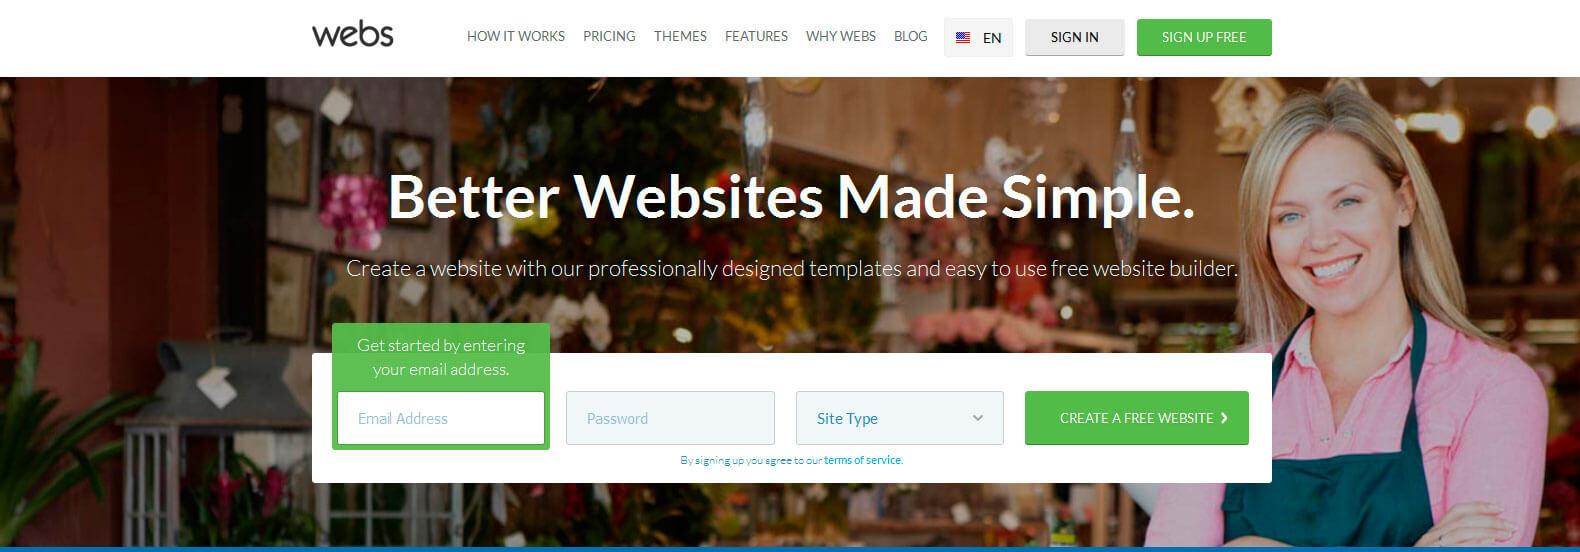 ¿Qué es un blog? - Webs para crear un blog gratis